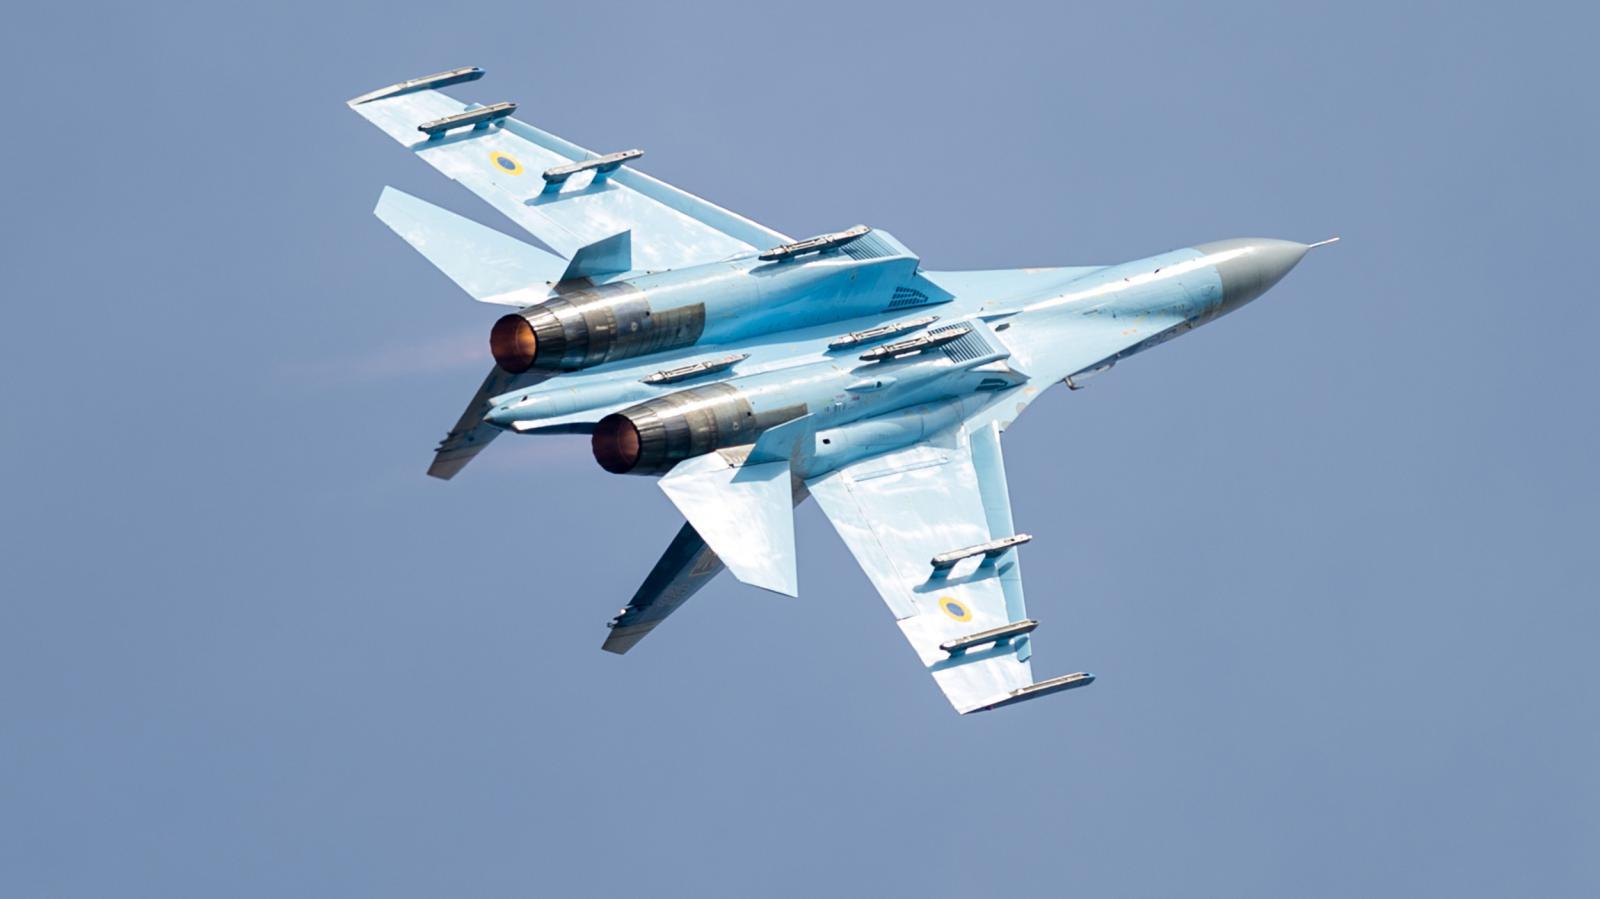 Stíhací letoun Su-27 z Ukrajiny na letecké přehlídce CIAF 2016